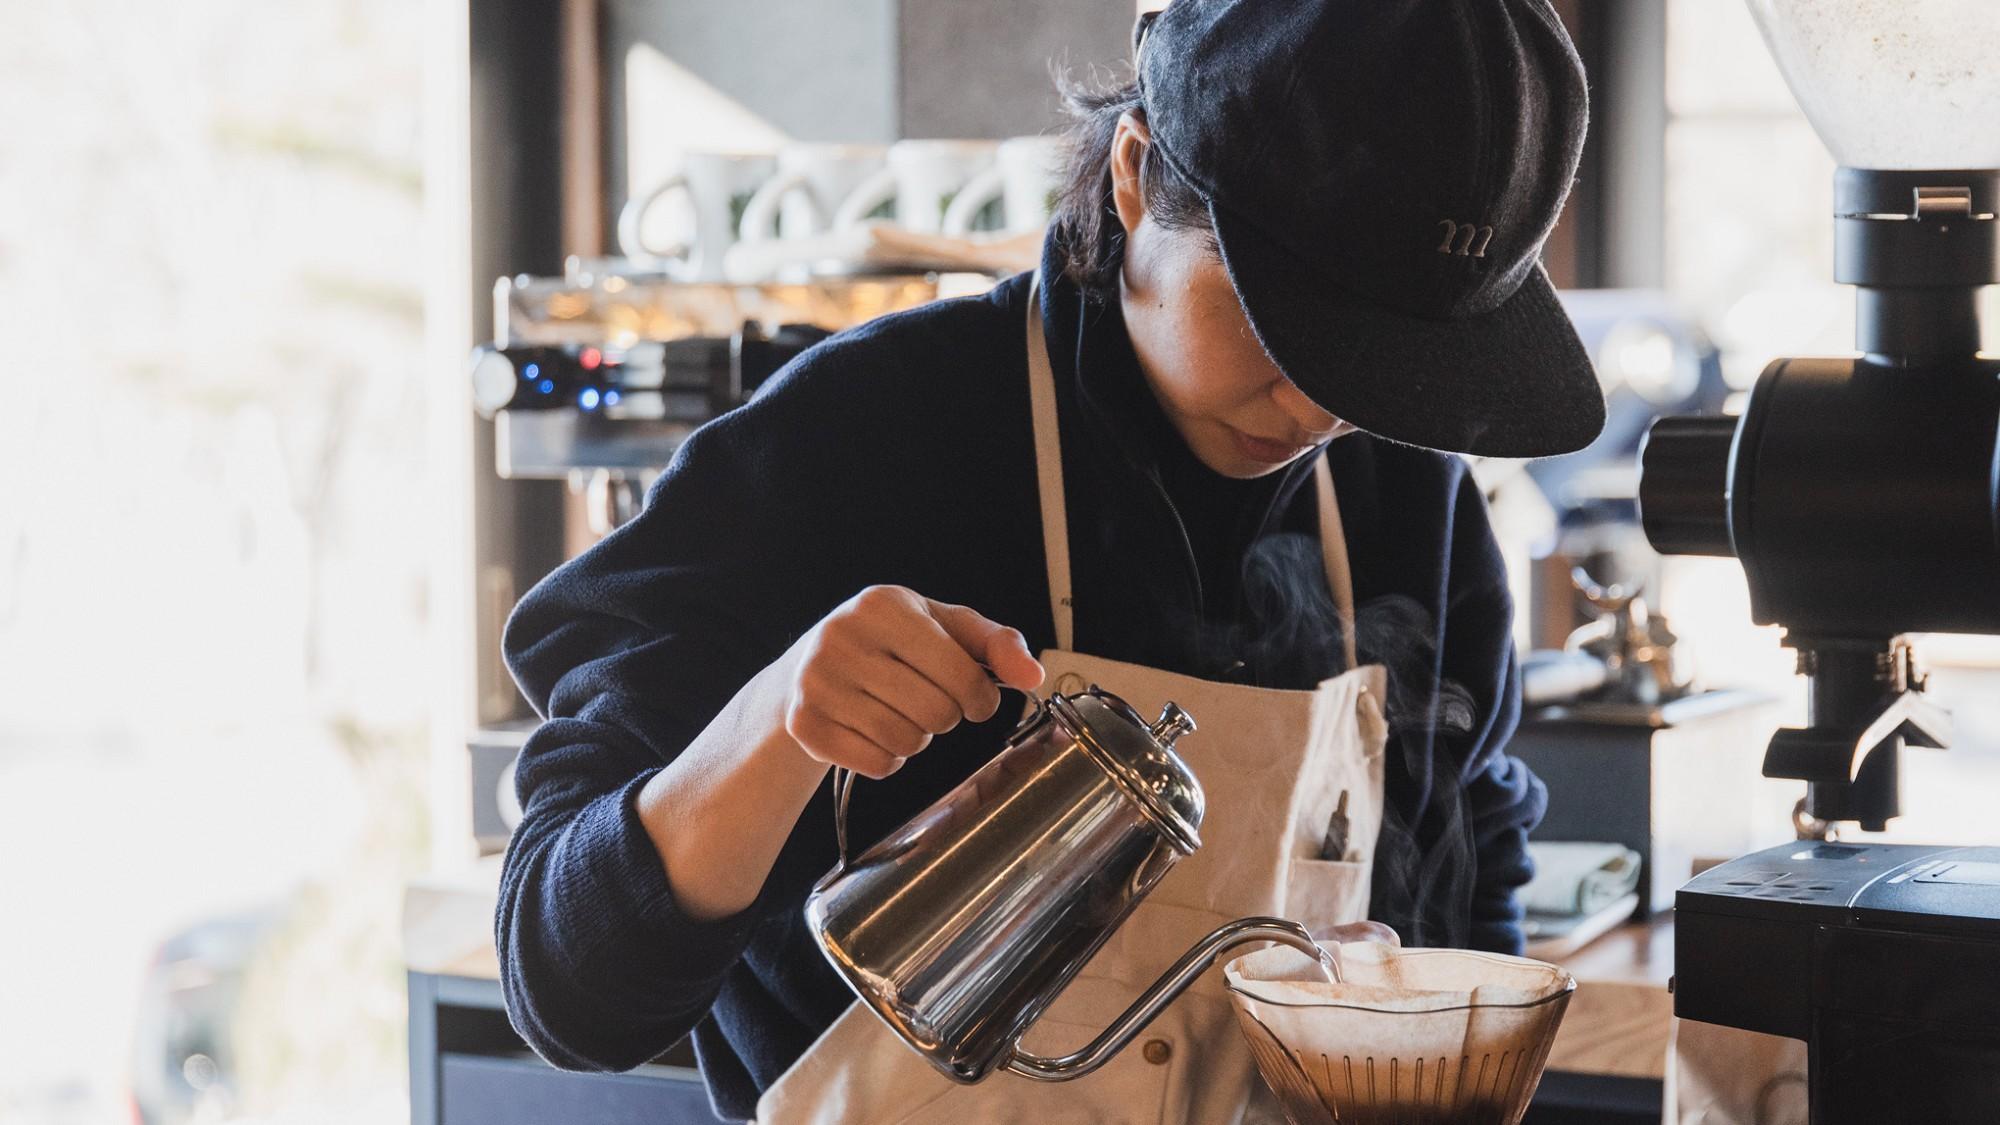 【CAFE】カフェスタッフがハンドドリップでお淹れいたします。